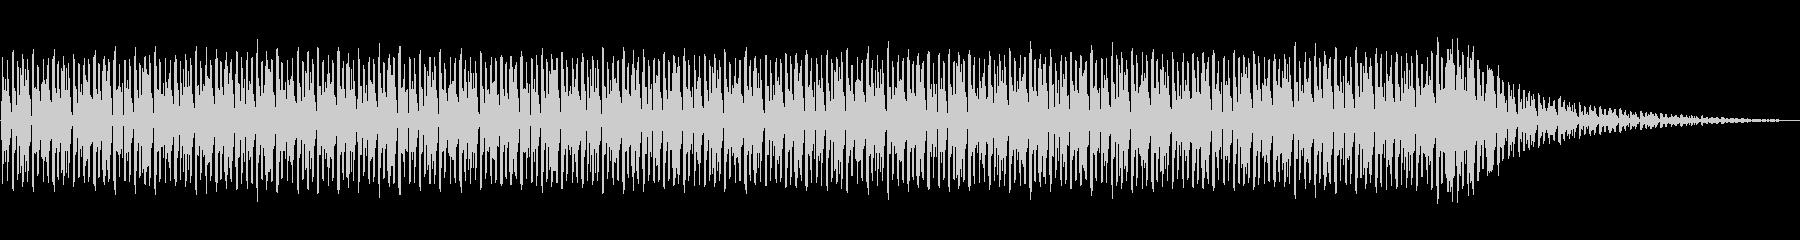 プログレッシブハウス。シンプル。基...の未再生の波形